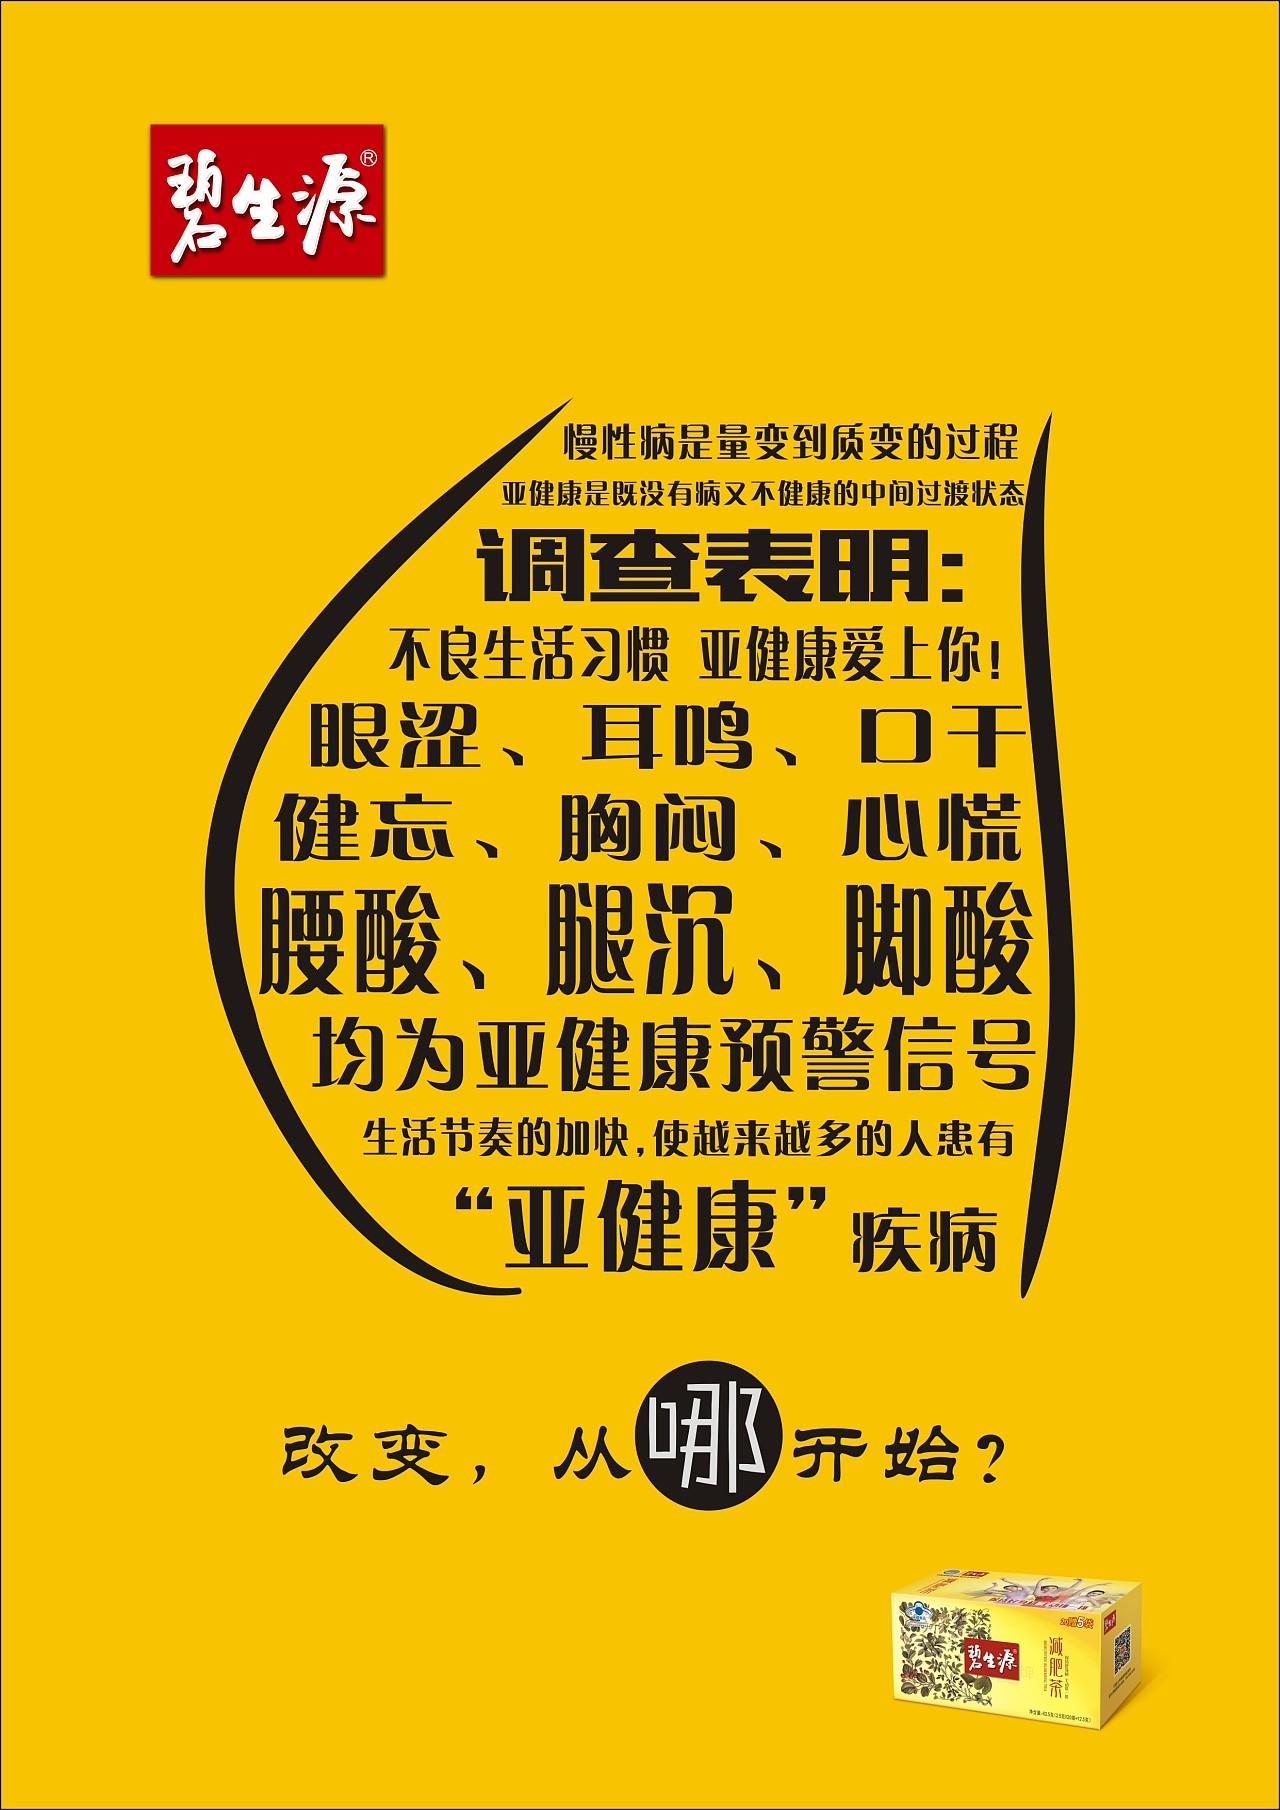 减肥茶_校园大广赛——碧生源减肥茶|平面|海报|小雲雲 - 原创作品 - 站 ...